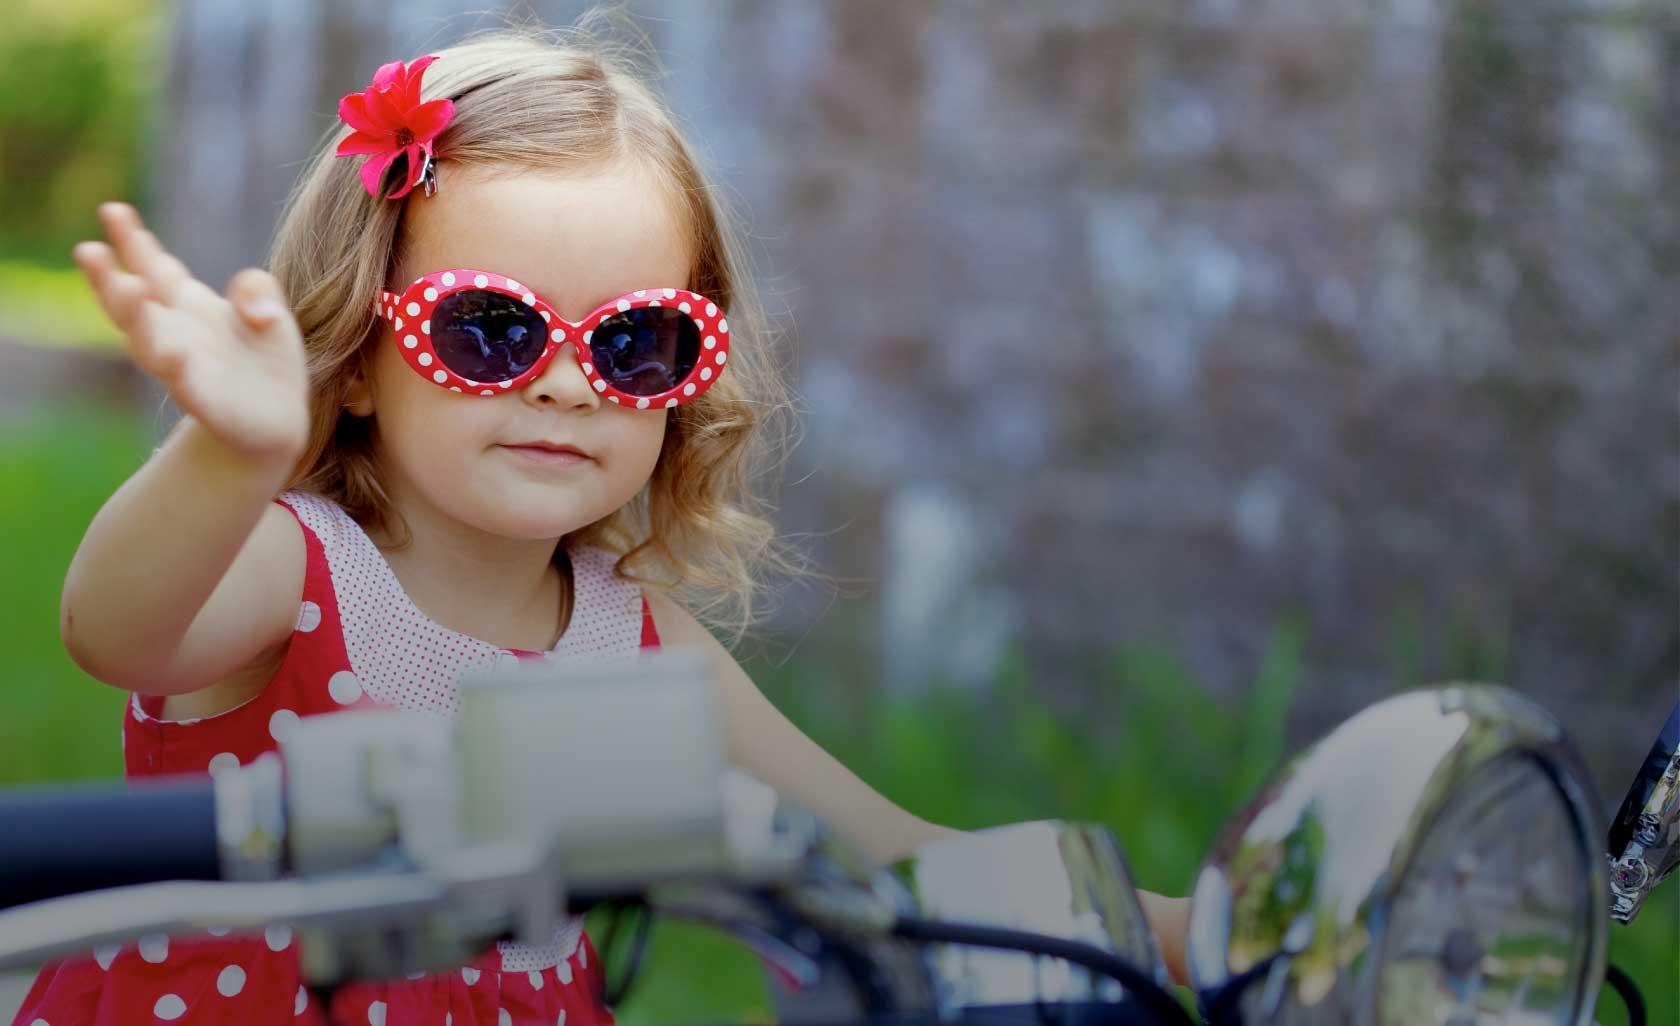 ילדה עם משקפיים בצד שמאל